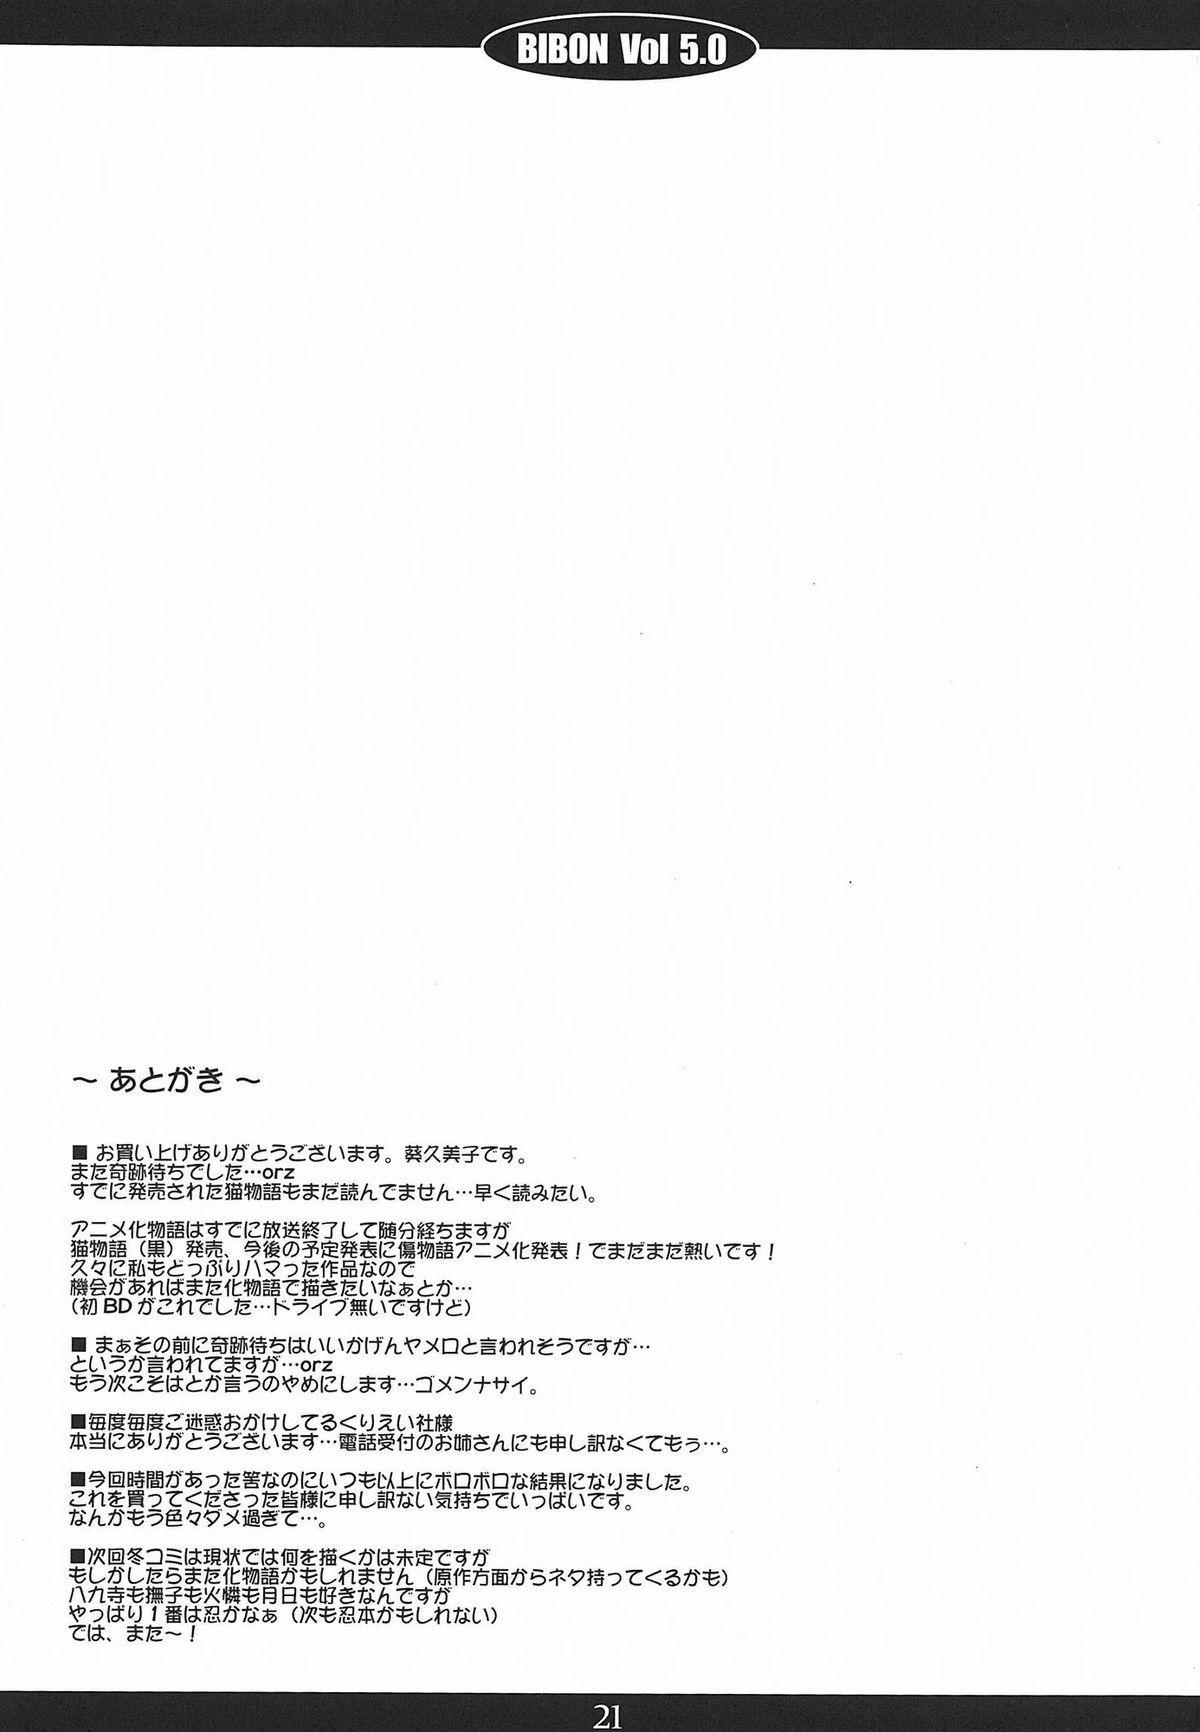 BIBON Vol 5.0 19